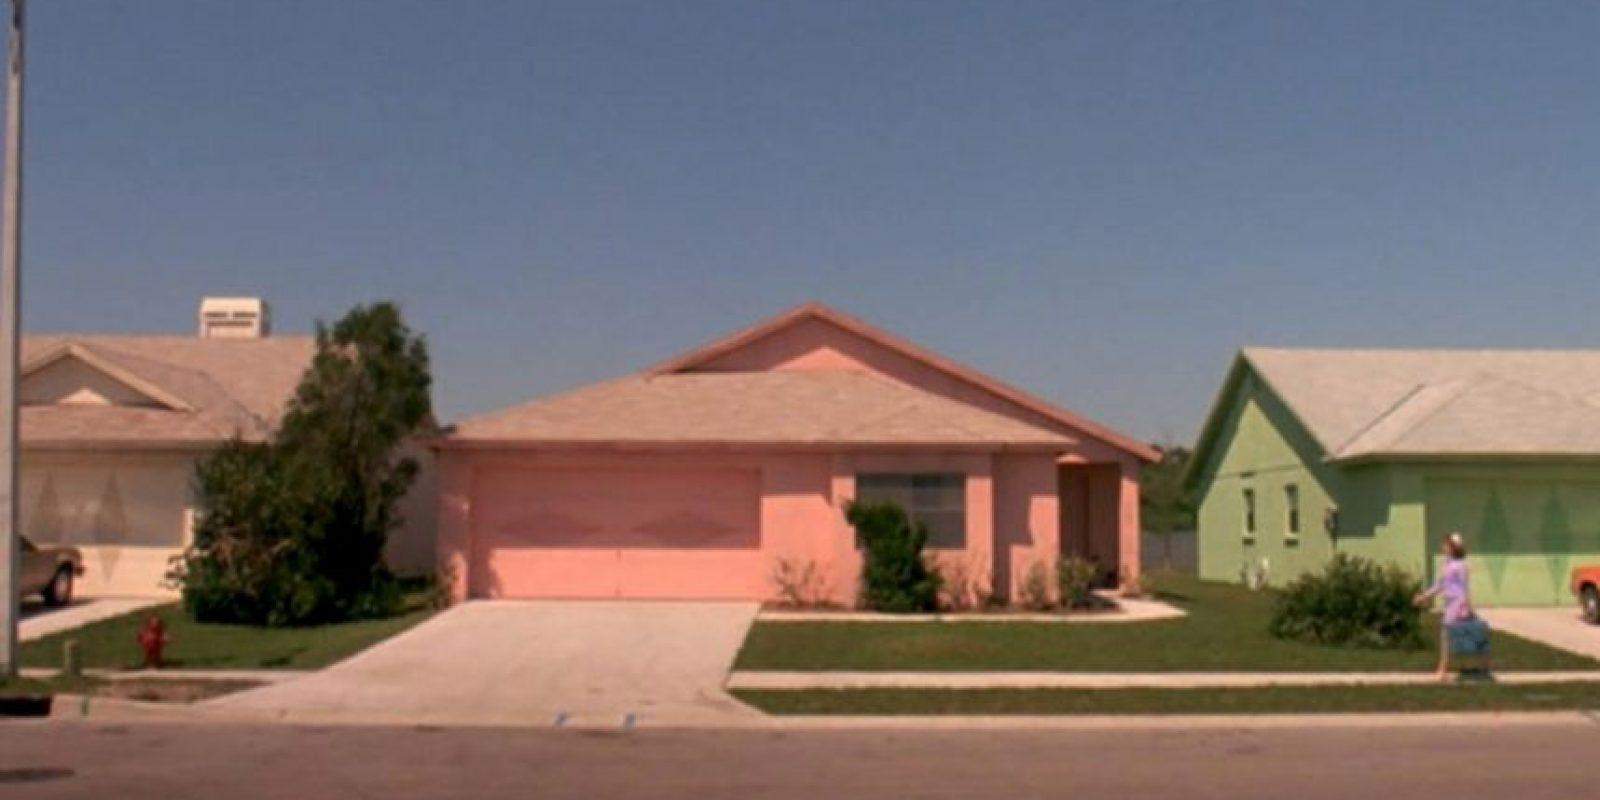 """""""Me sorprendí preguntándome muchas veces si todas estas personas saben que su casa estaba en la película"""", comentó Cremeans al portal Mashable. Foto:Reddit/Voodrew"""